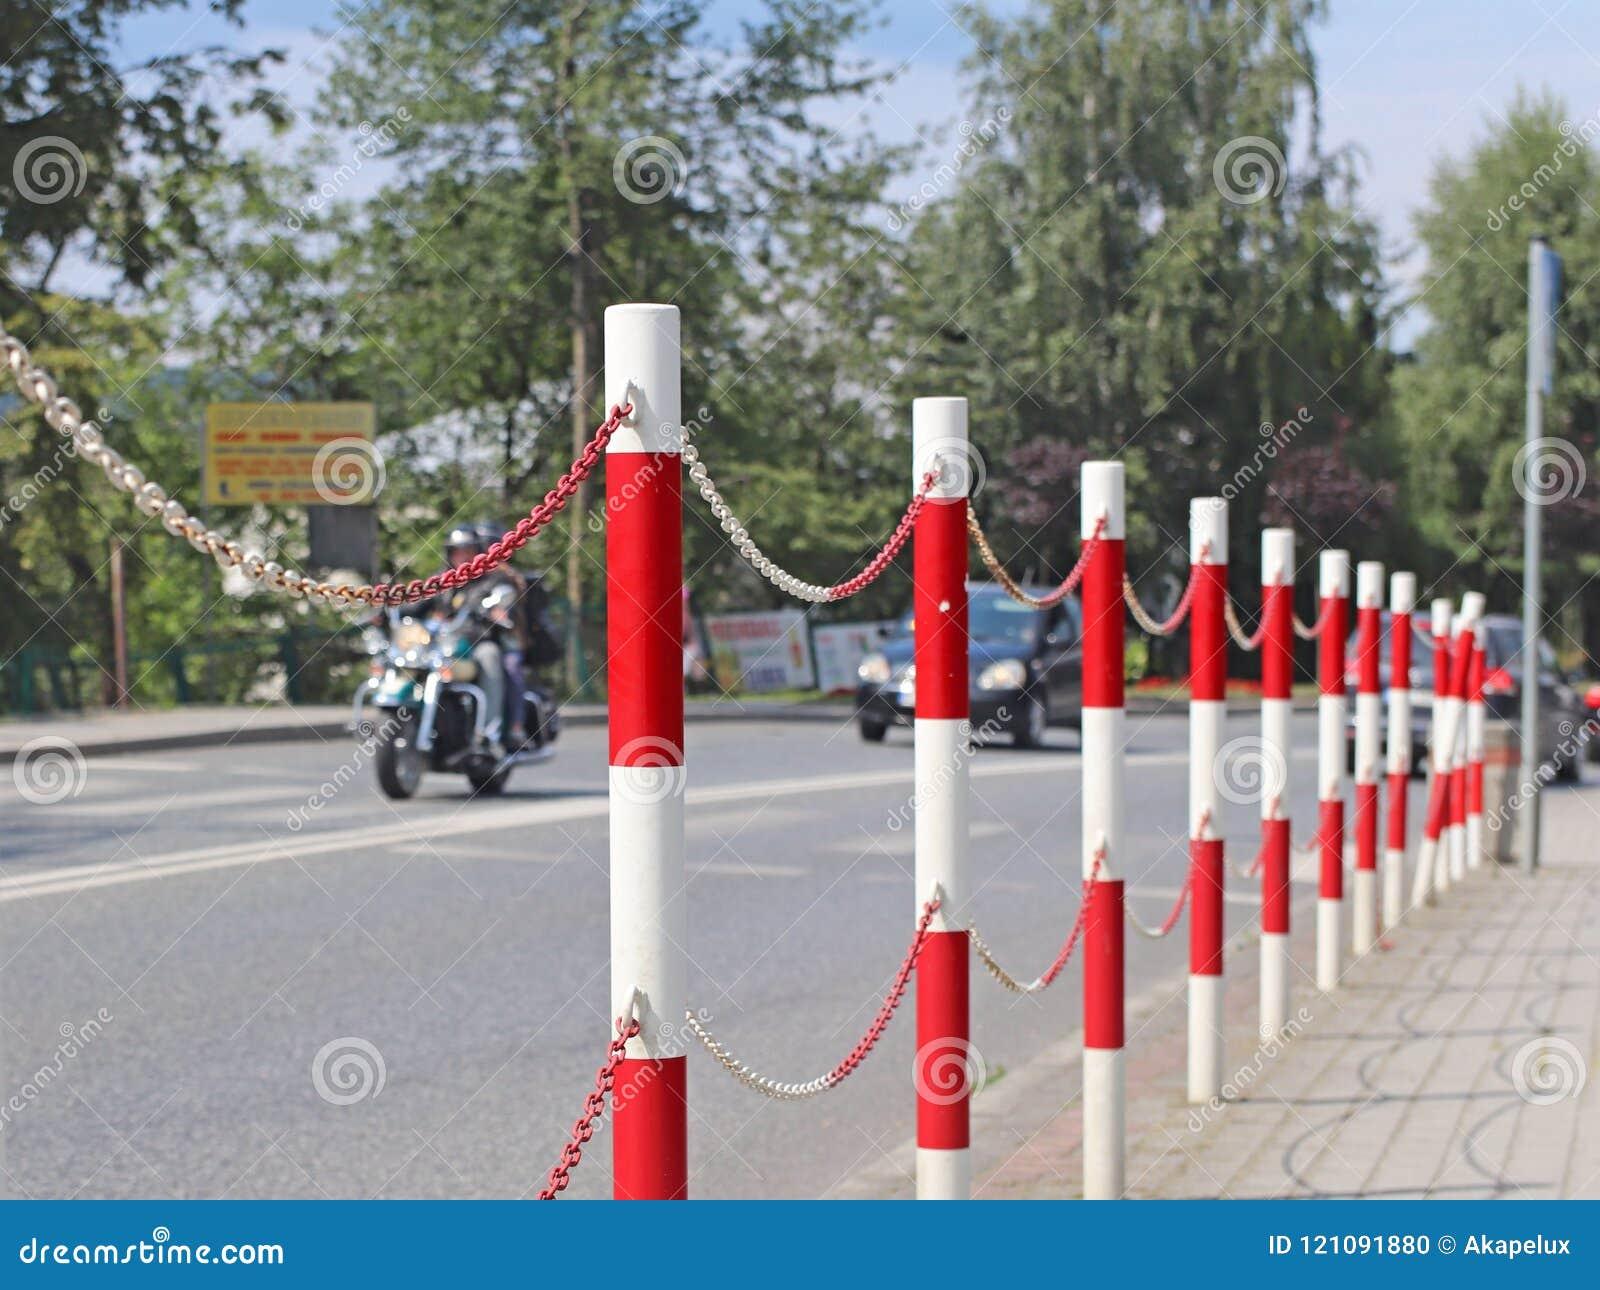 La designación de las señales de tráfico para la separación de peatón y de las zonas del transporte para la seguridad de tráfico